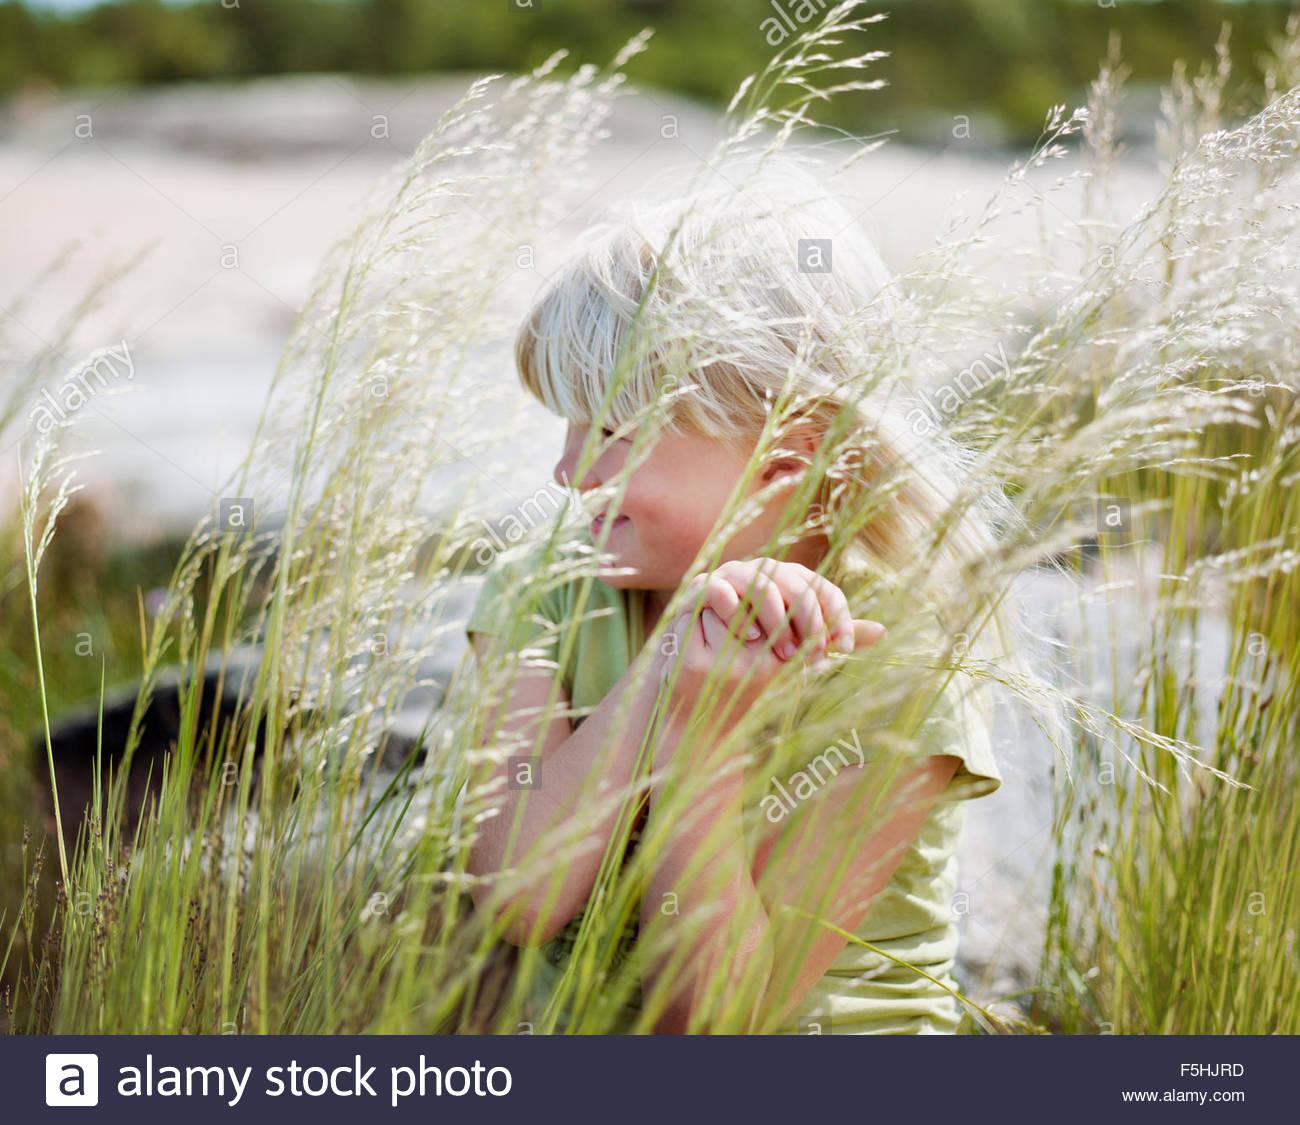 Suecia, archipiélago de Estocolmo, Uppland Arholma, Chica (6-7) detrás de la hierba alta Imagen De Stock